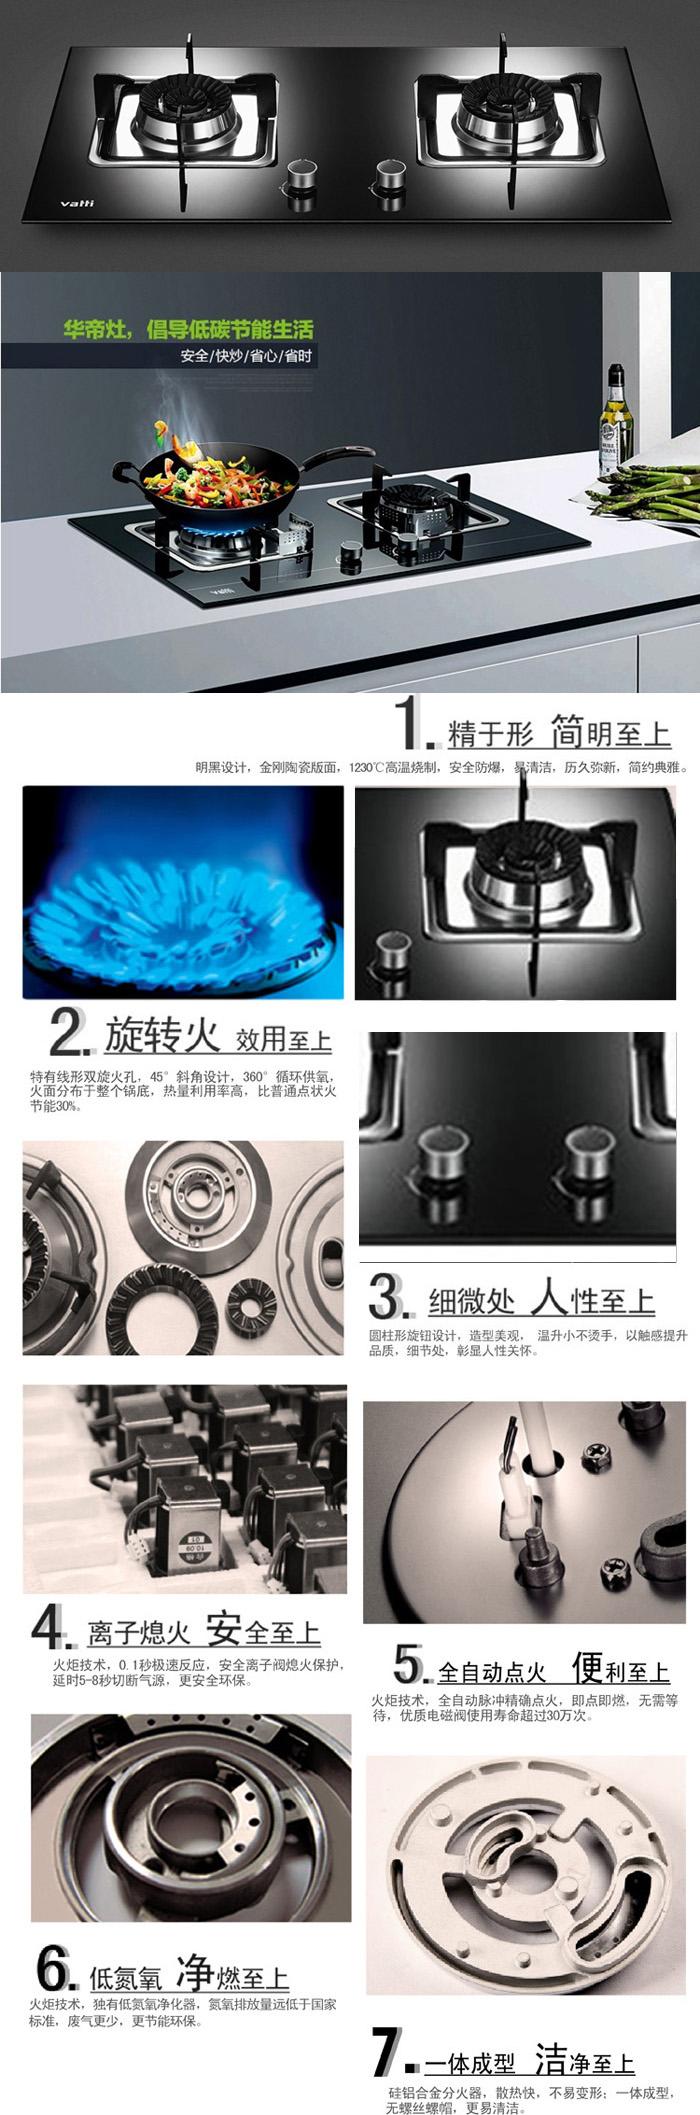 华帝燃气灶b808a钢化玻璃面板煤气灶头